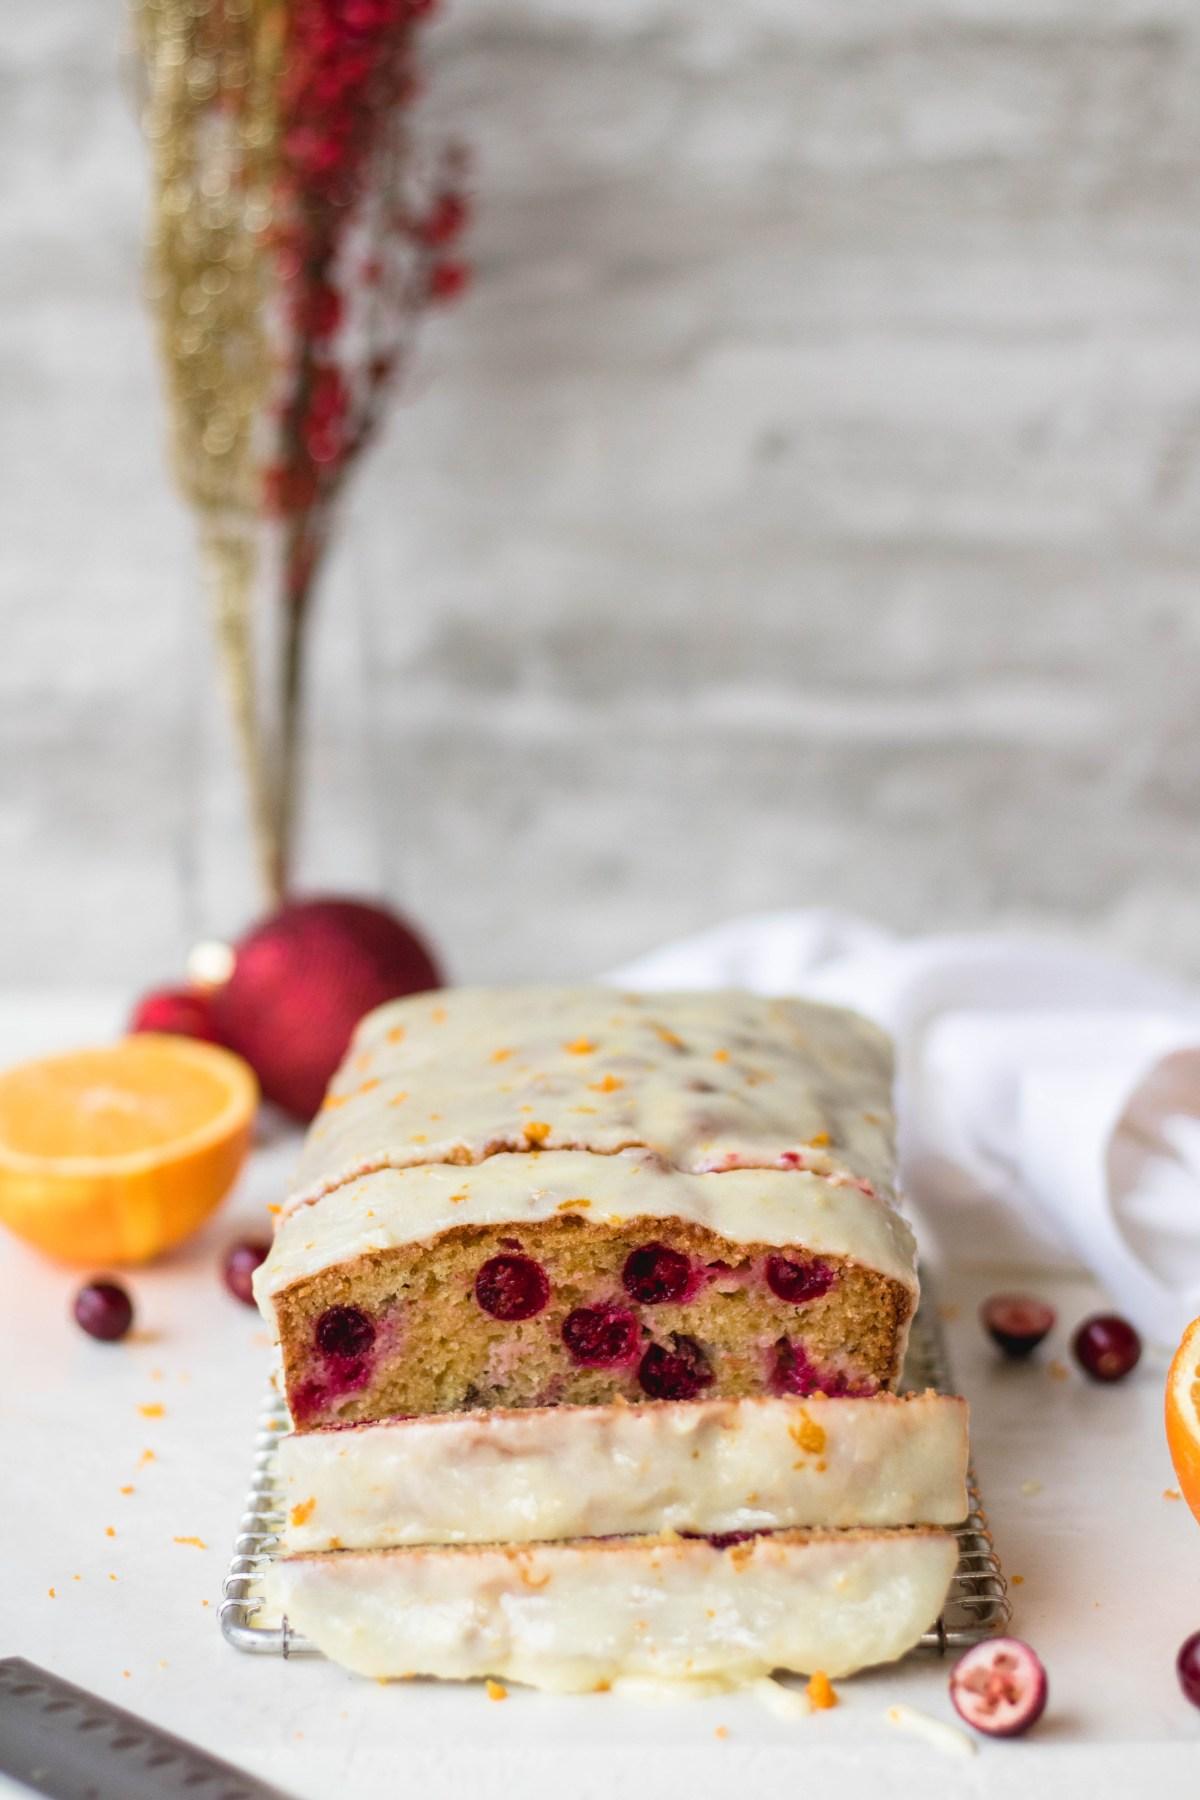 Cranberry orange loaf sliced